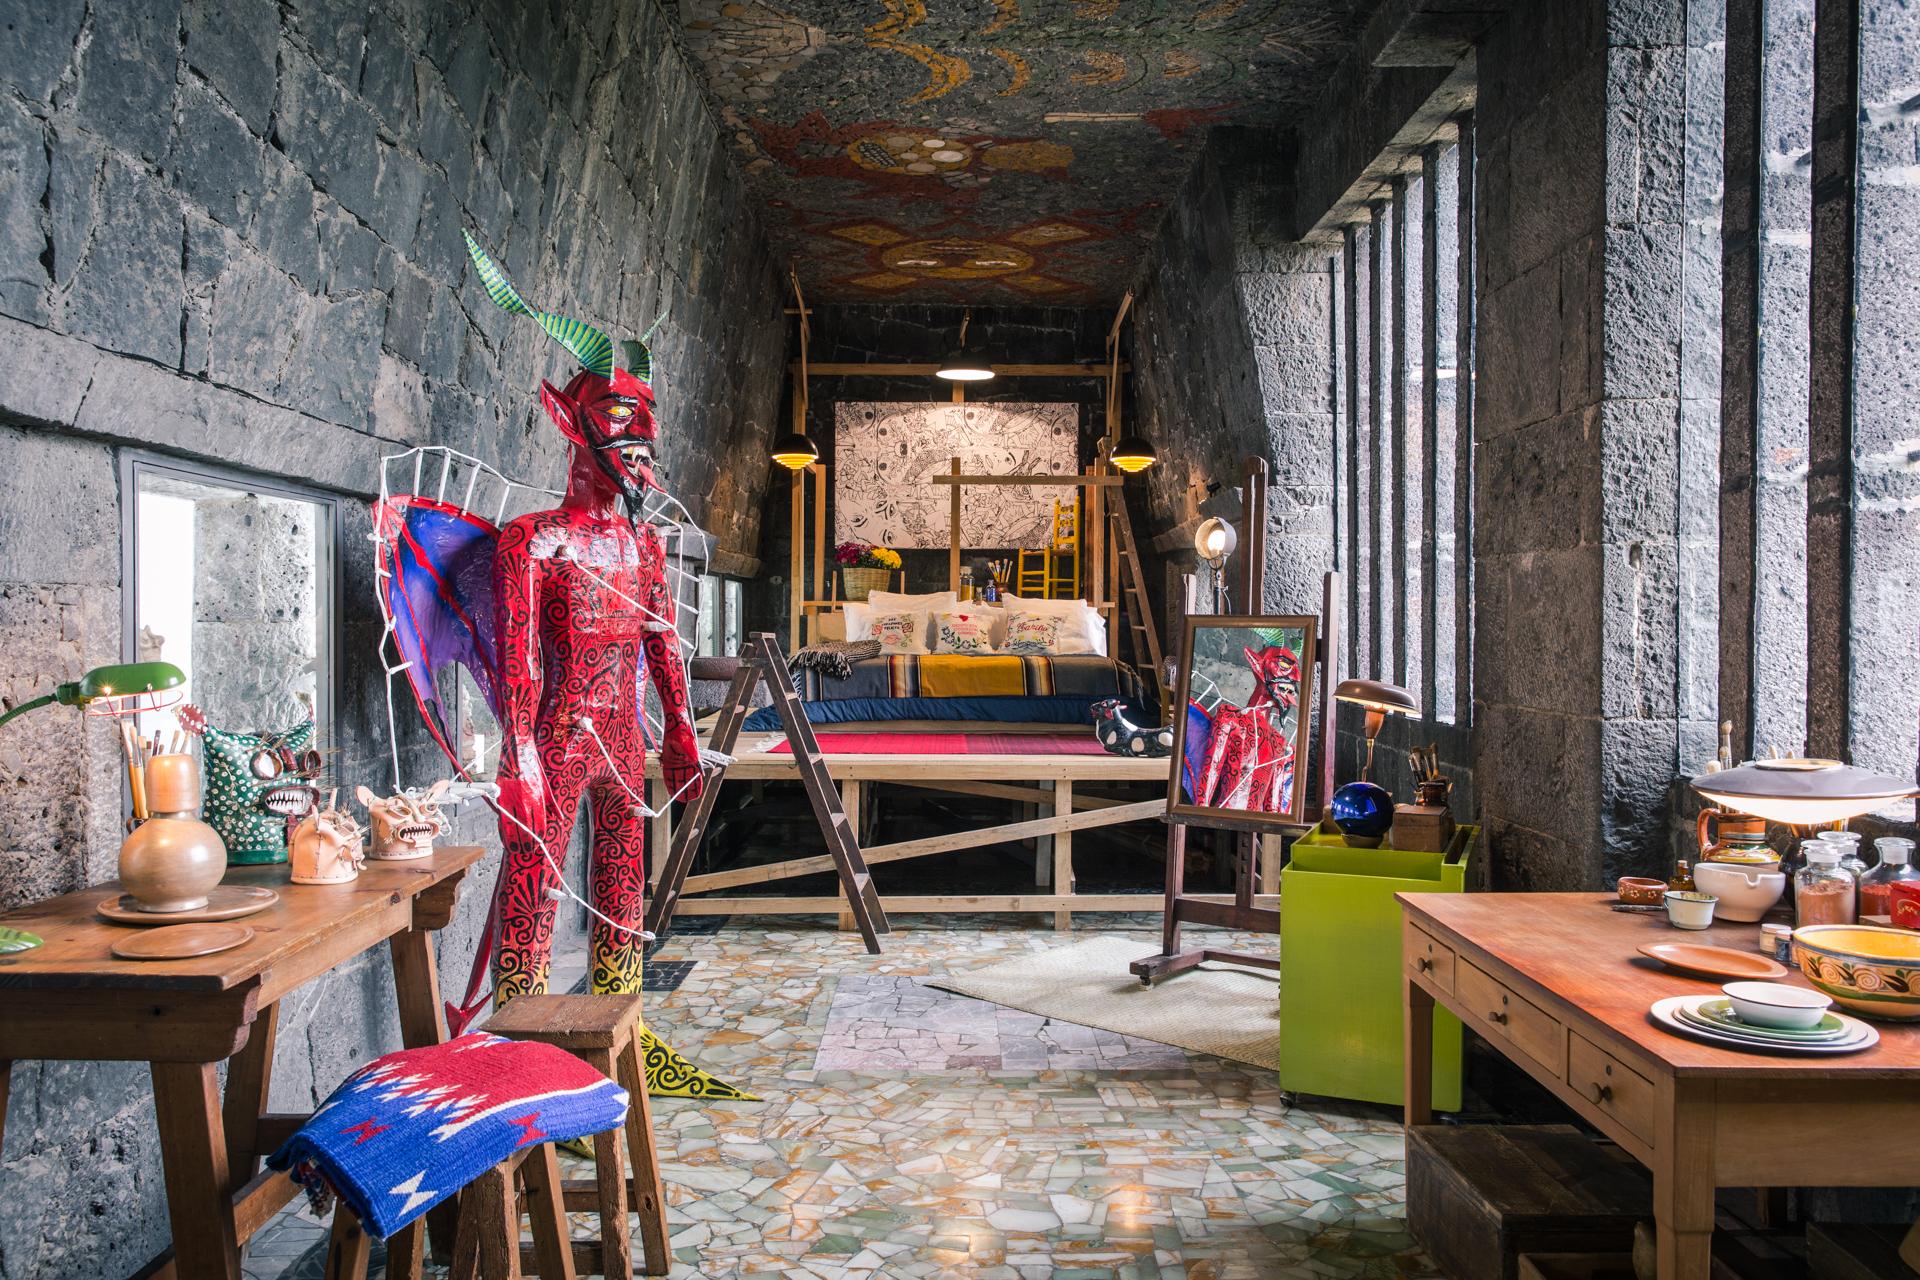 Sumérgete en la magia y arte de México